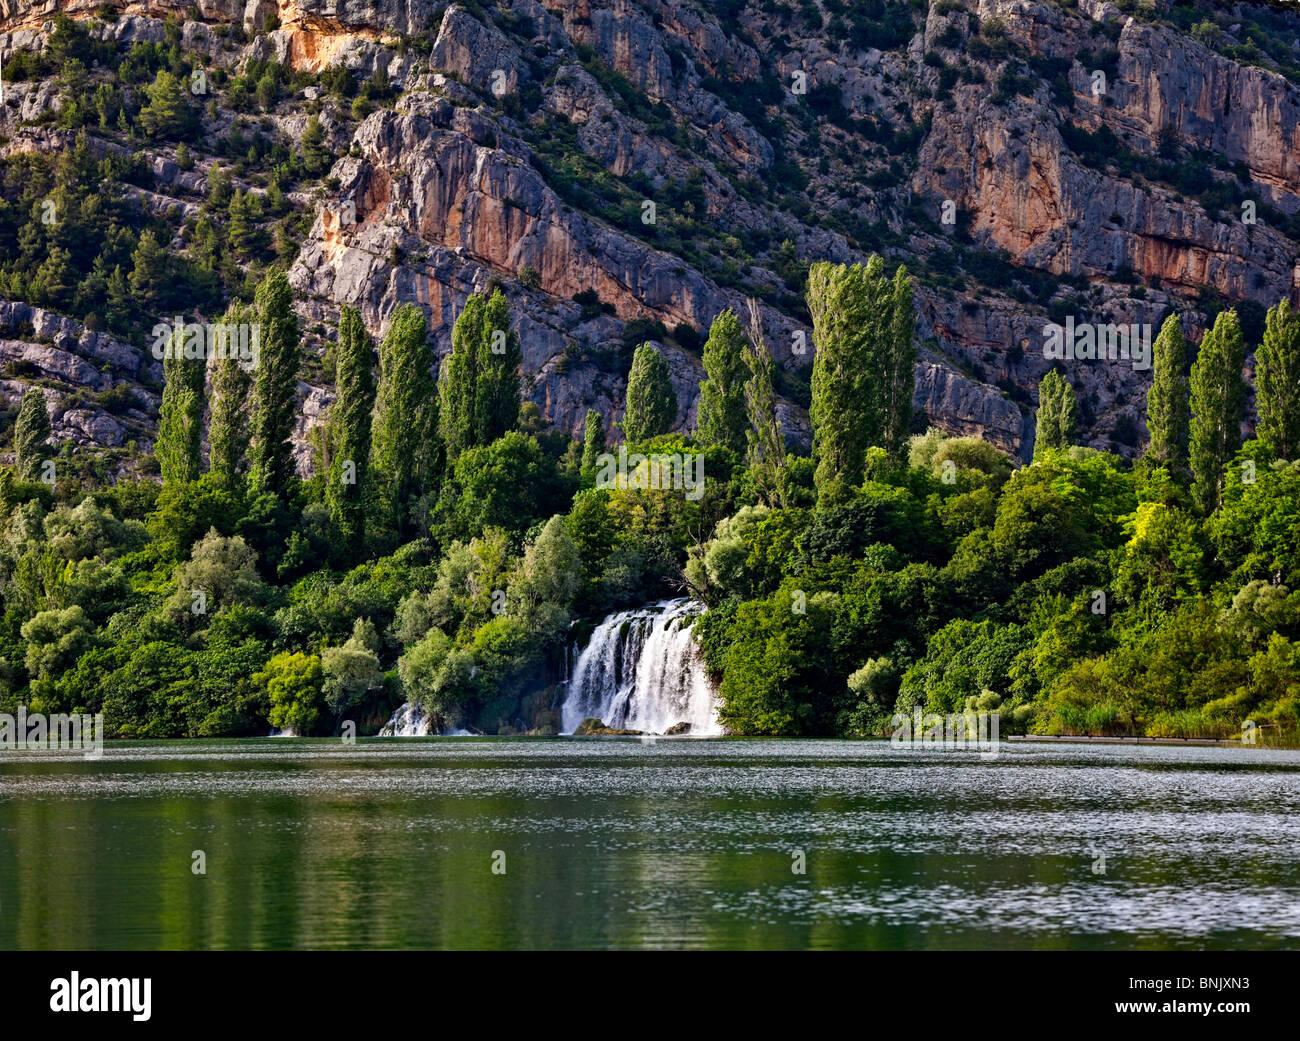 Bellissimo paesaggio, fiume Krka Parco nazionale della Croazia. La cascata Immagini Stock